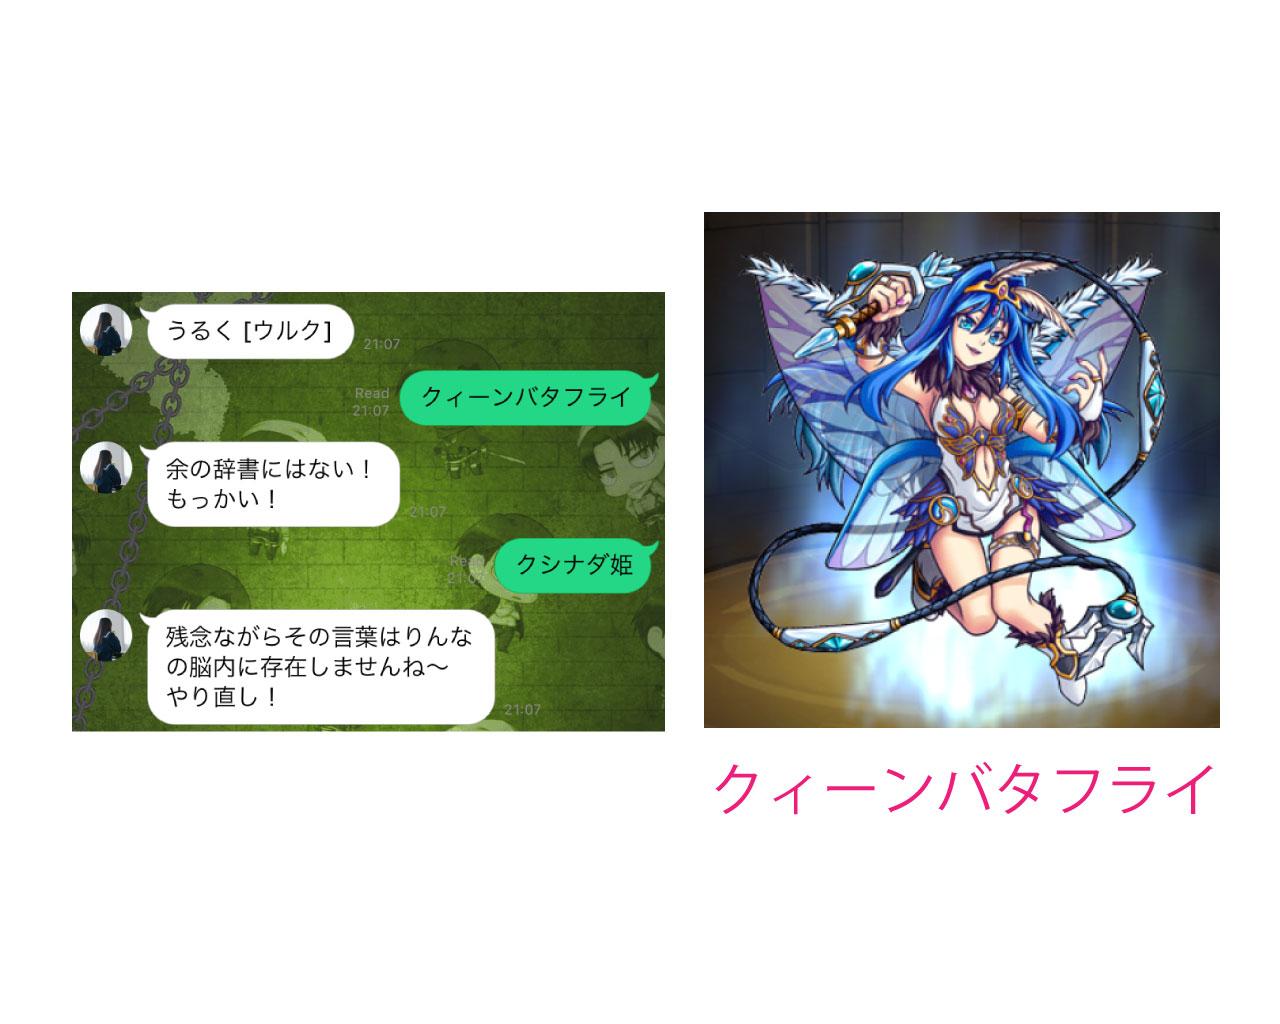 ms-rinna-shiritori-japanese-word-chain-game-7